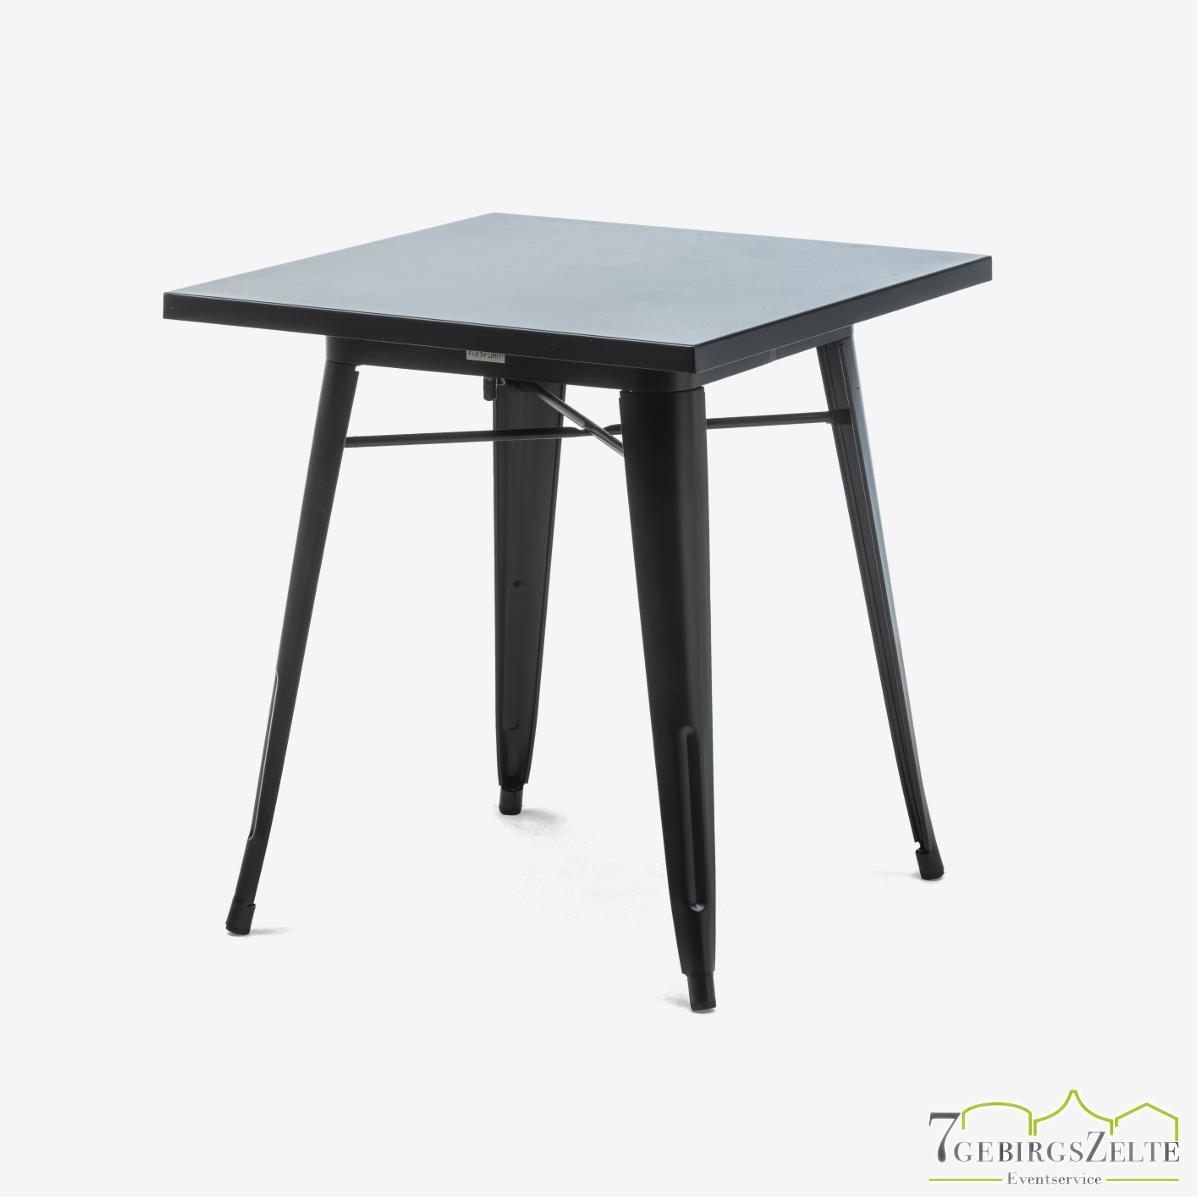 Tolix Dinner Tisch; Stahl schwarz; mit Tischplatte schwarz